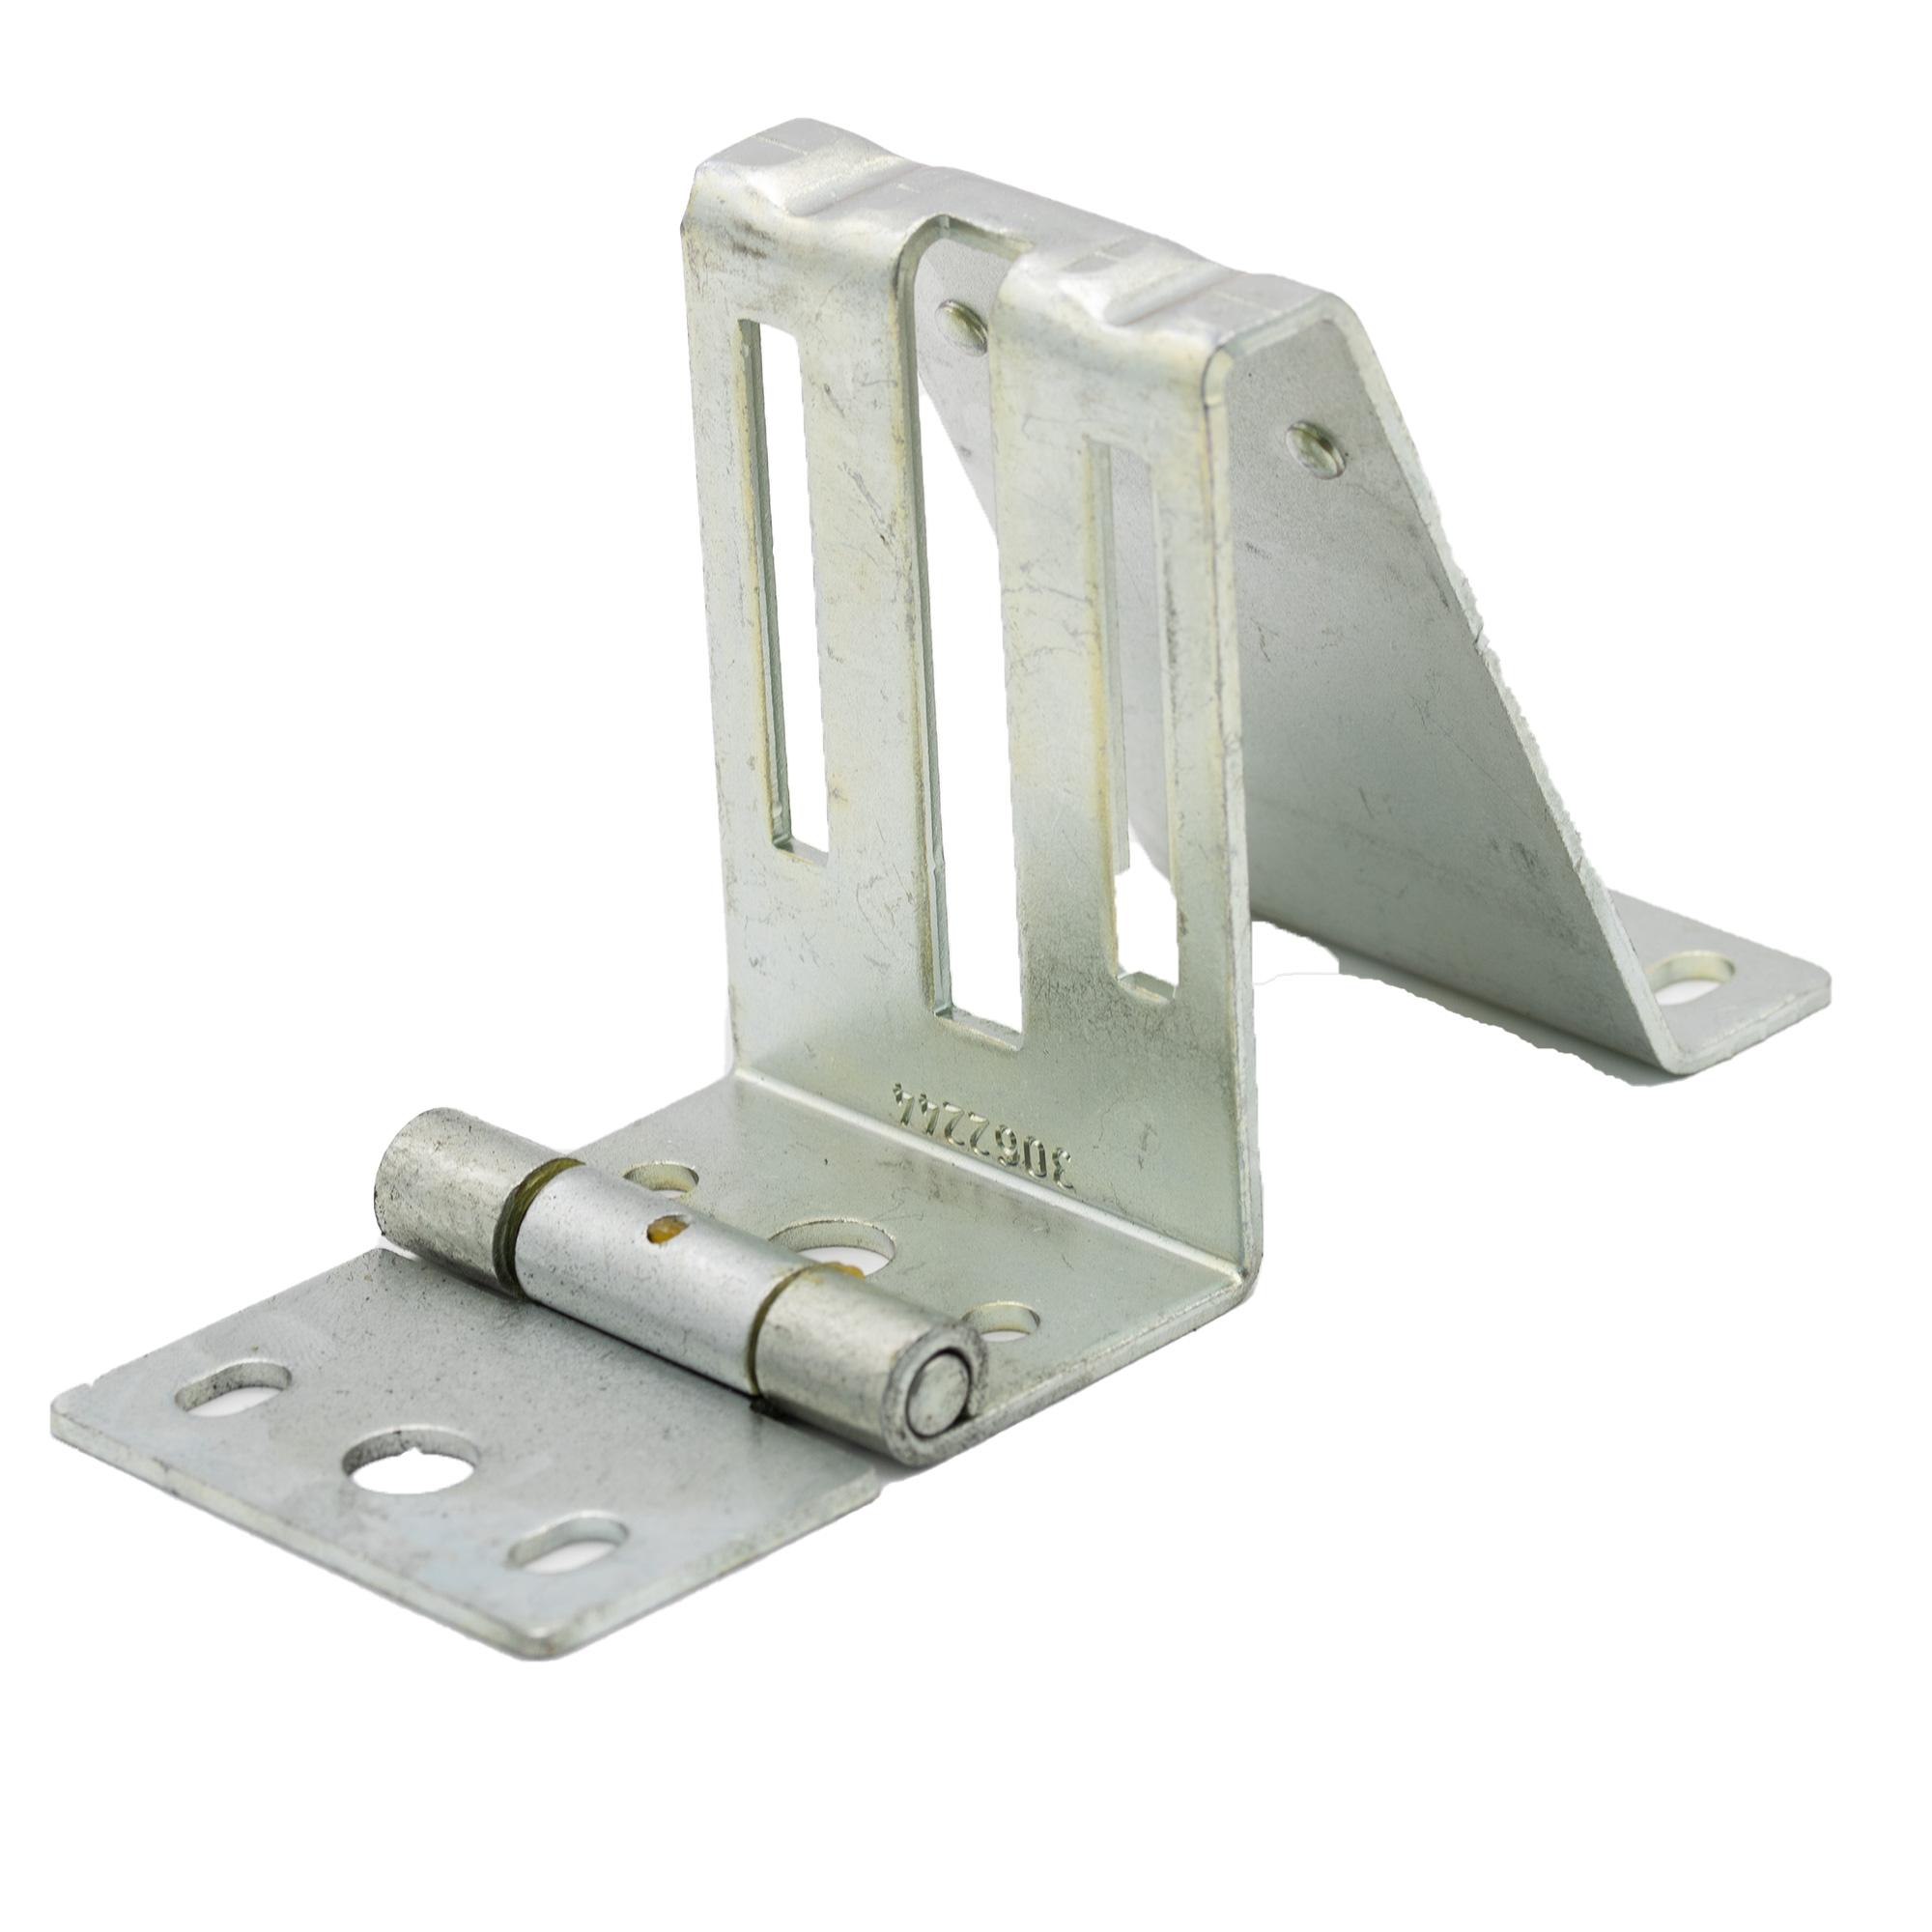 Hörmann Rollenbock Typ 80 für Industrie- Sectionaltore